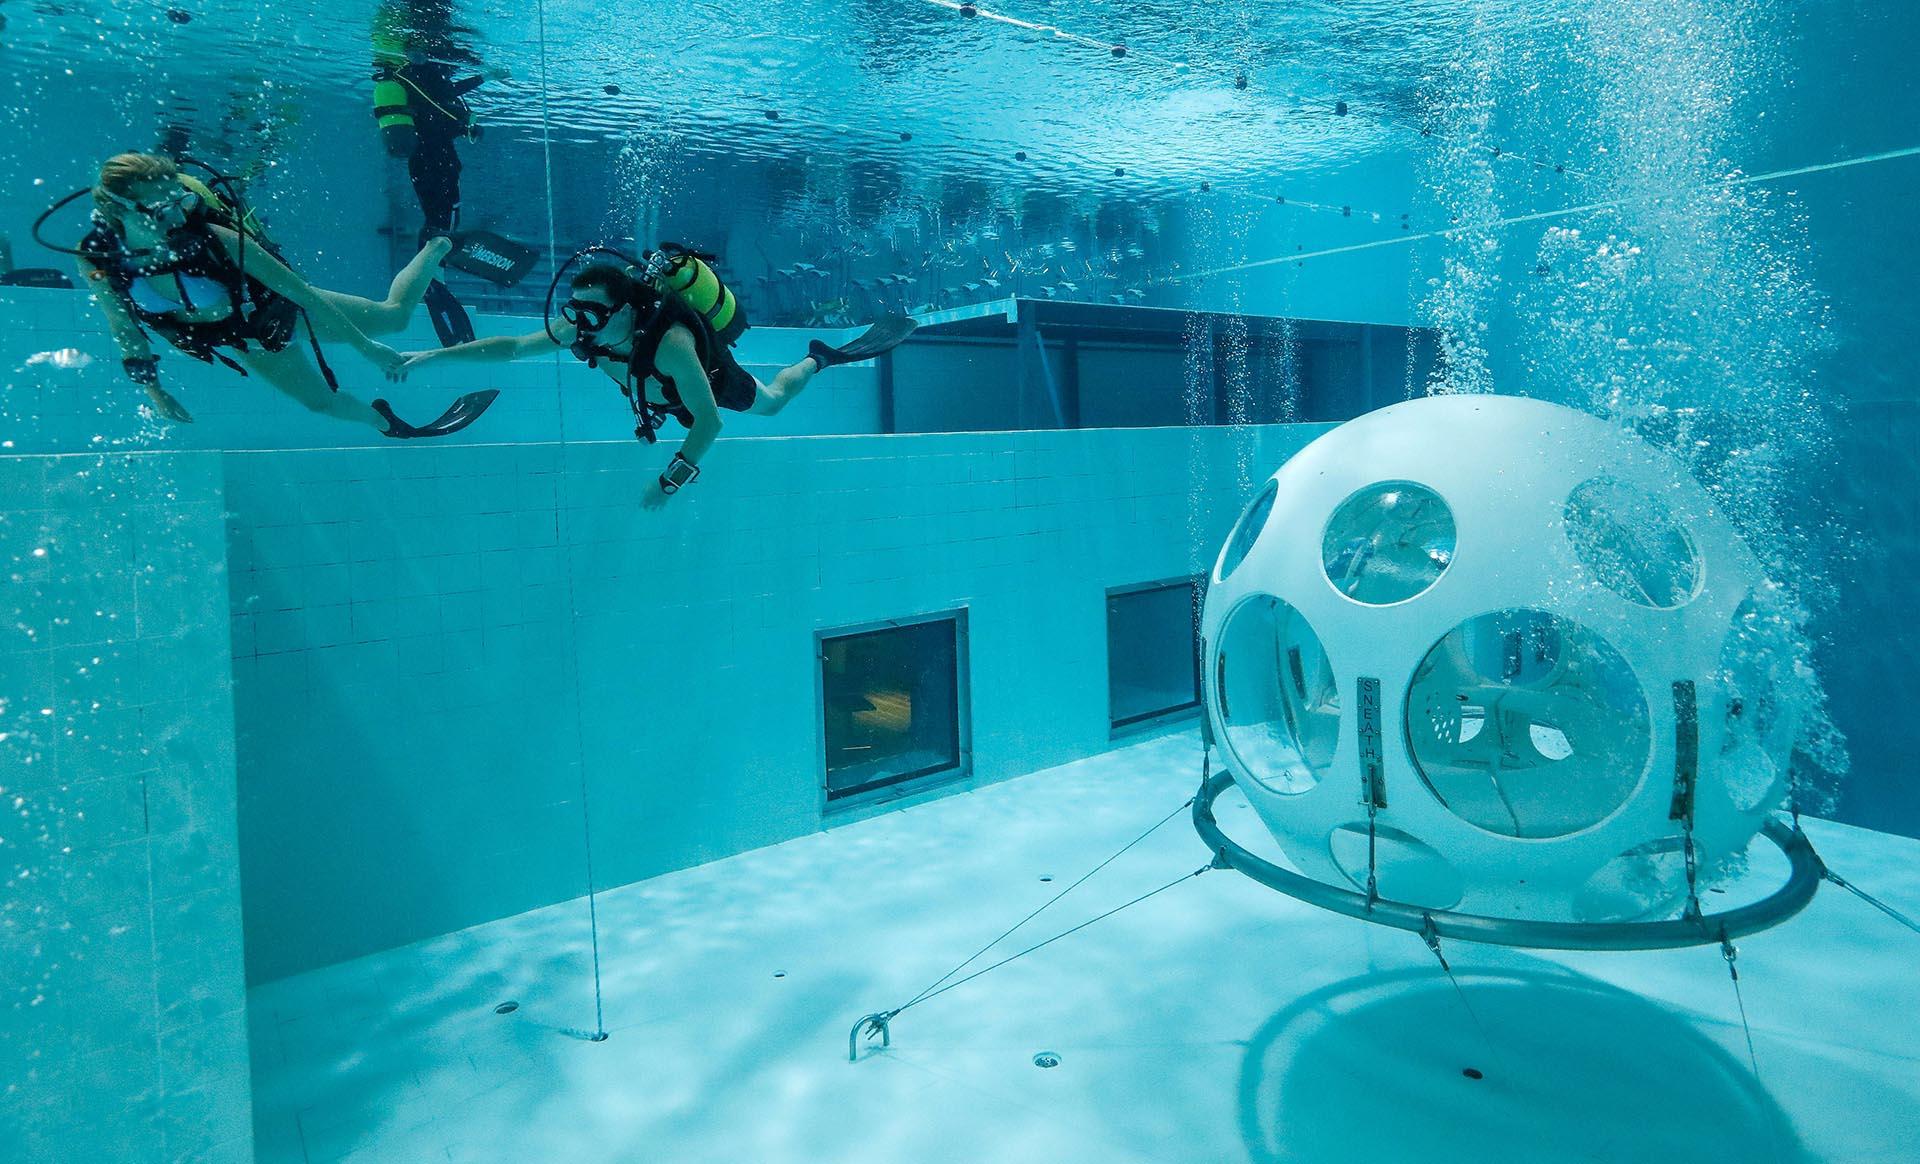 Después del postre, Florence y Nicolas salen de la burbuja rumbo a la superficie (Reuters)